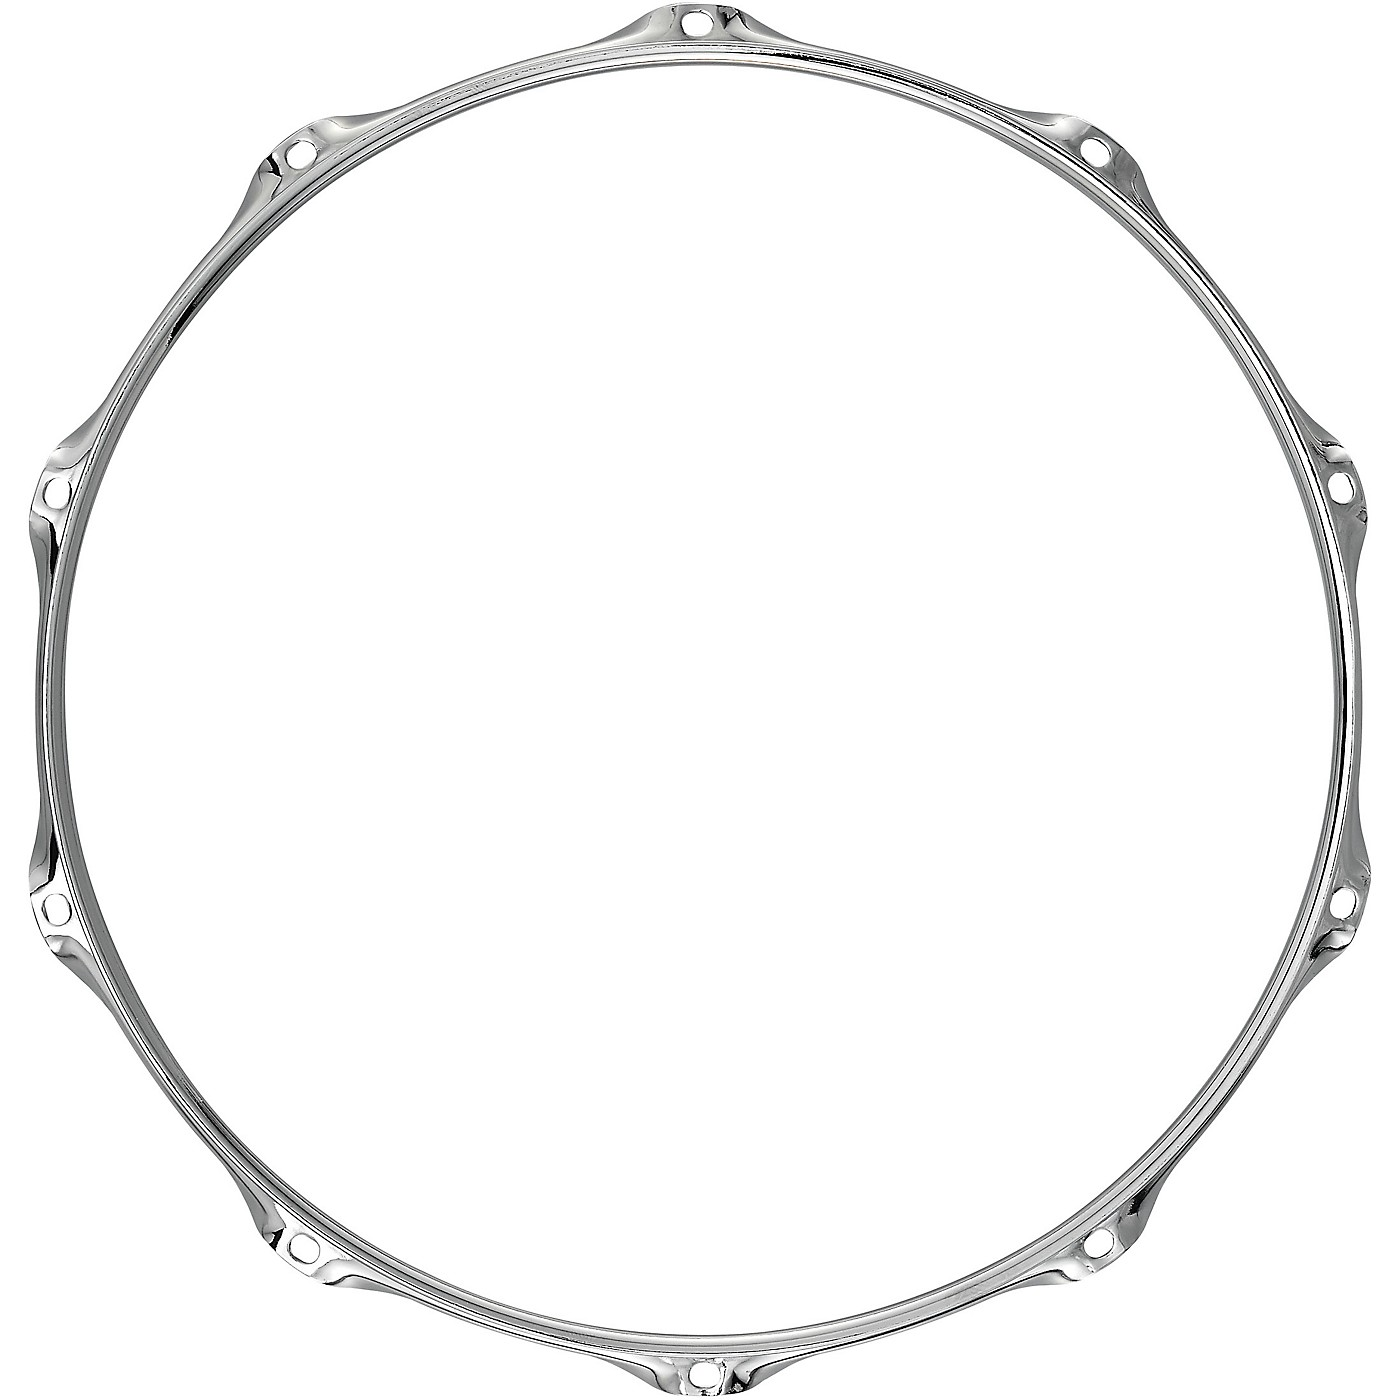 TAMA Ultimate Steel Mighty Hoop, Batter Side, 10 Holes thumbnail